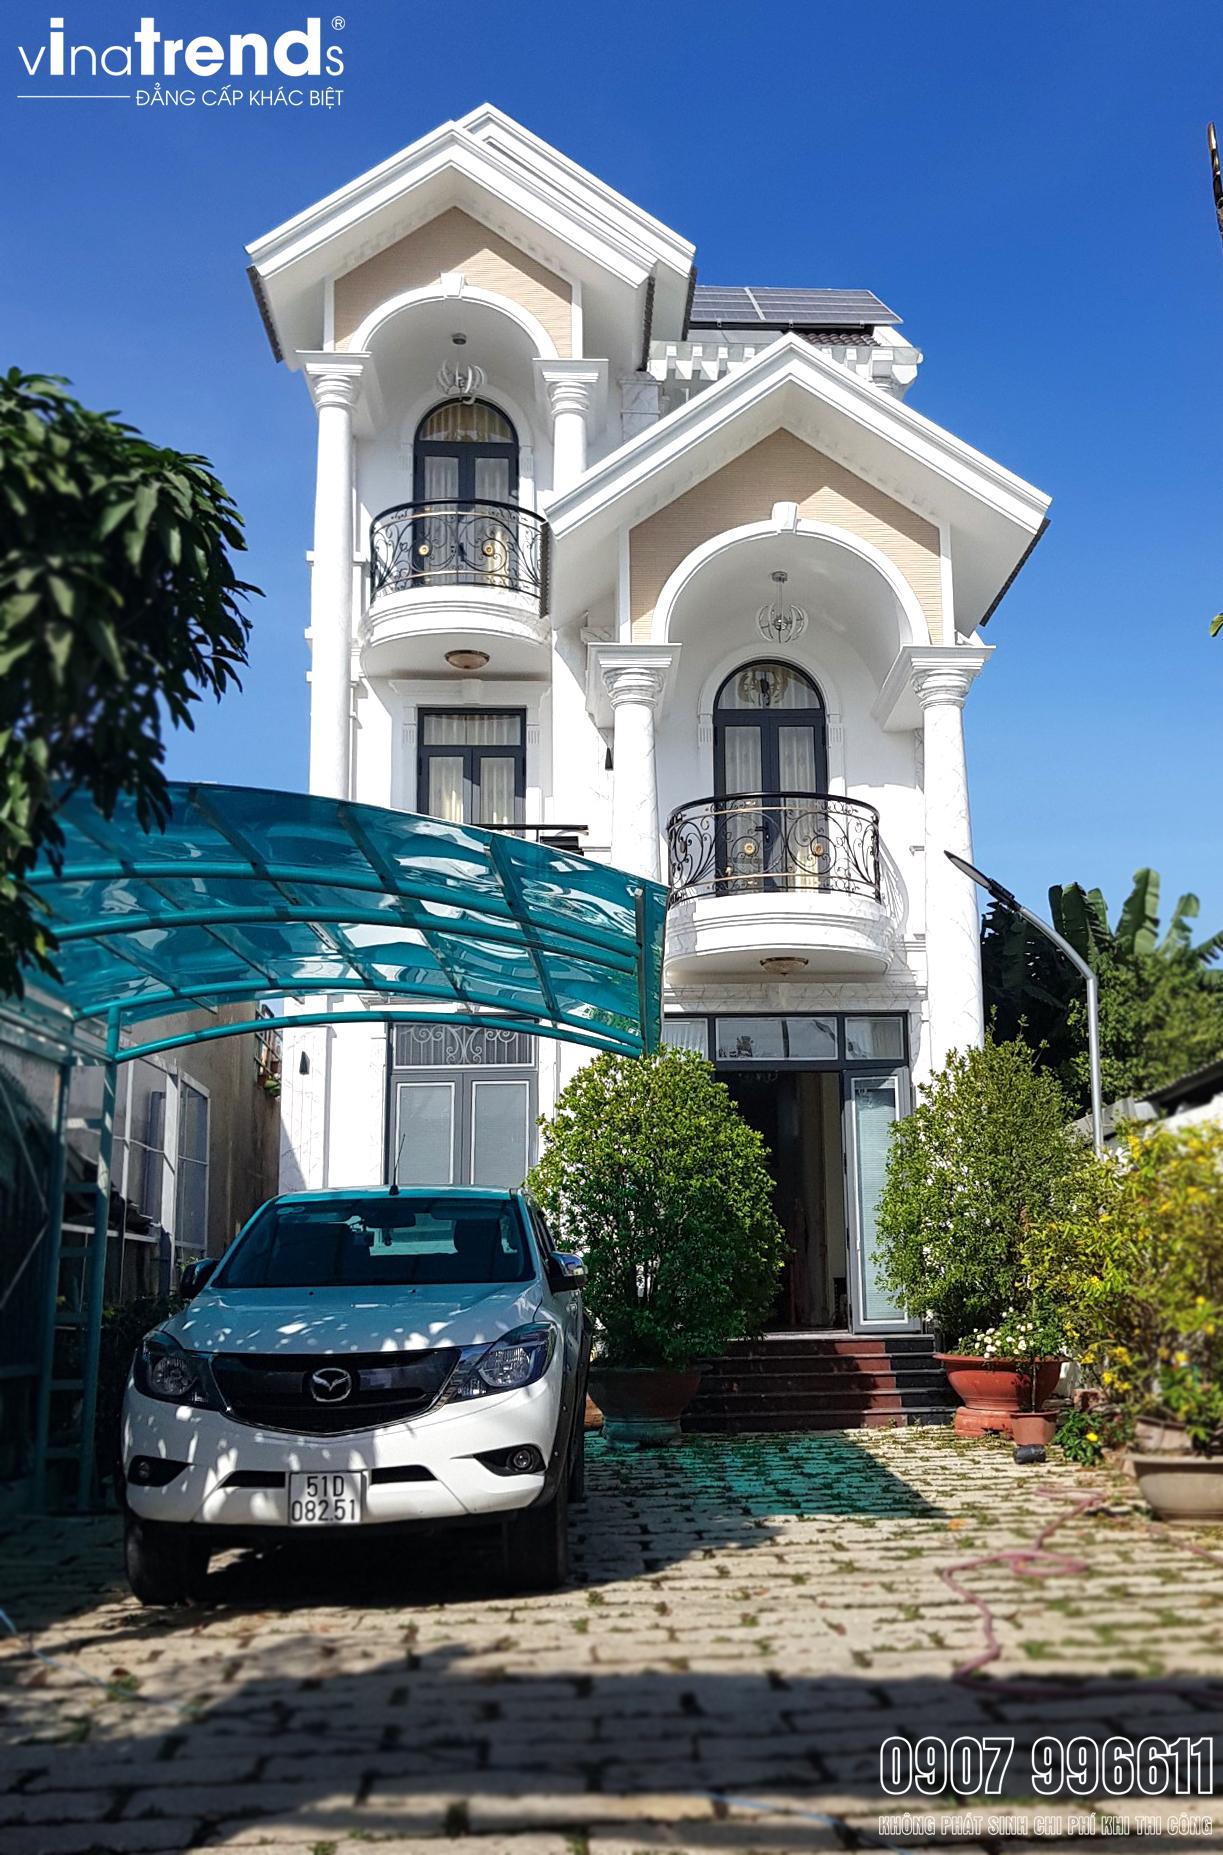 mau biet thu mai thai dep nhat 2 VinaTrends   Công ty xây dựng tại Đồng Nai hơn 499 công trình thiết kế xây nhà trọn gói trên toàn Việt Nam